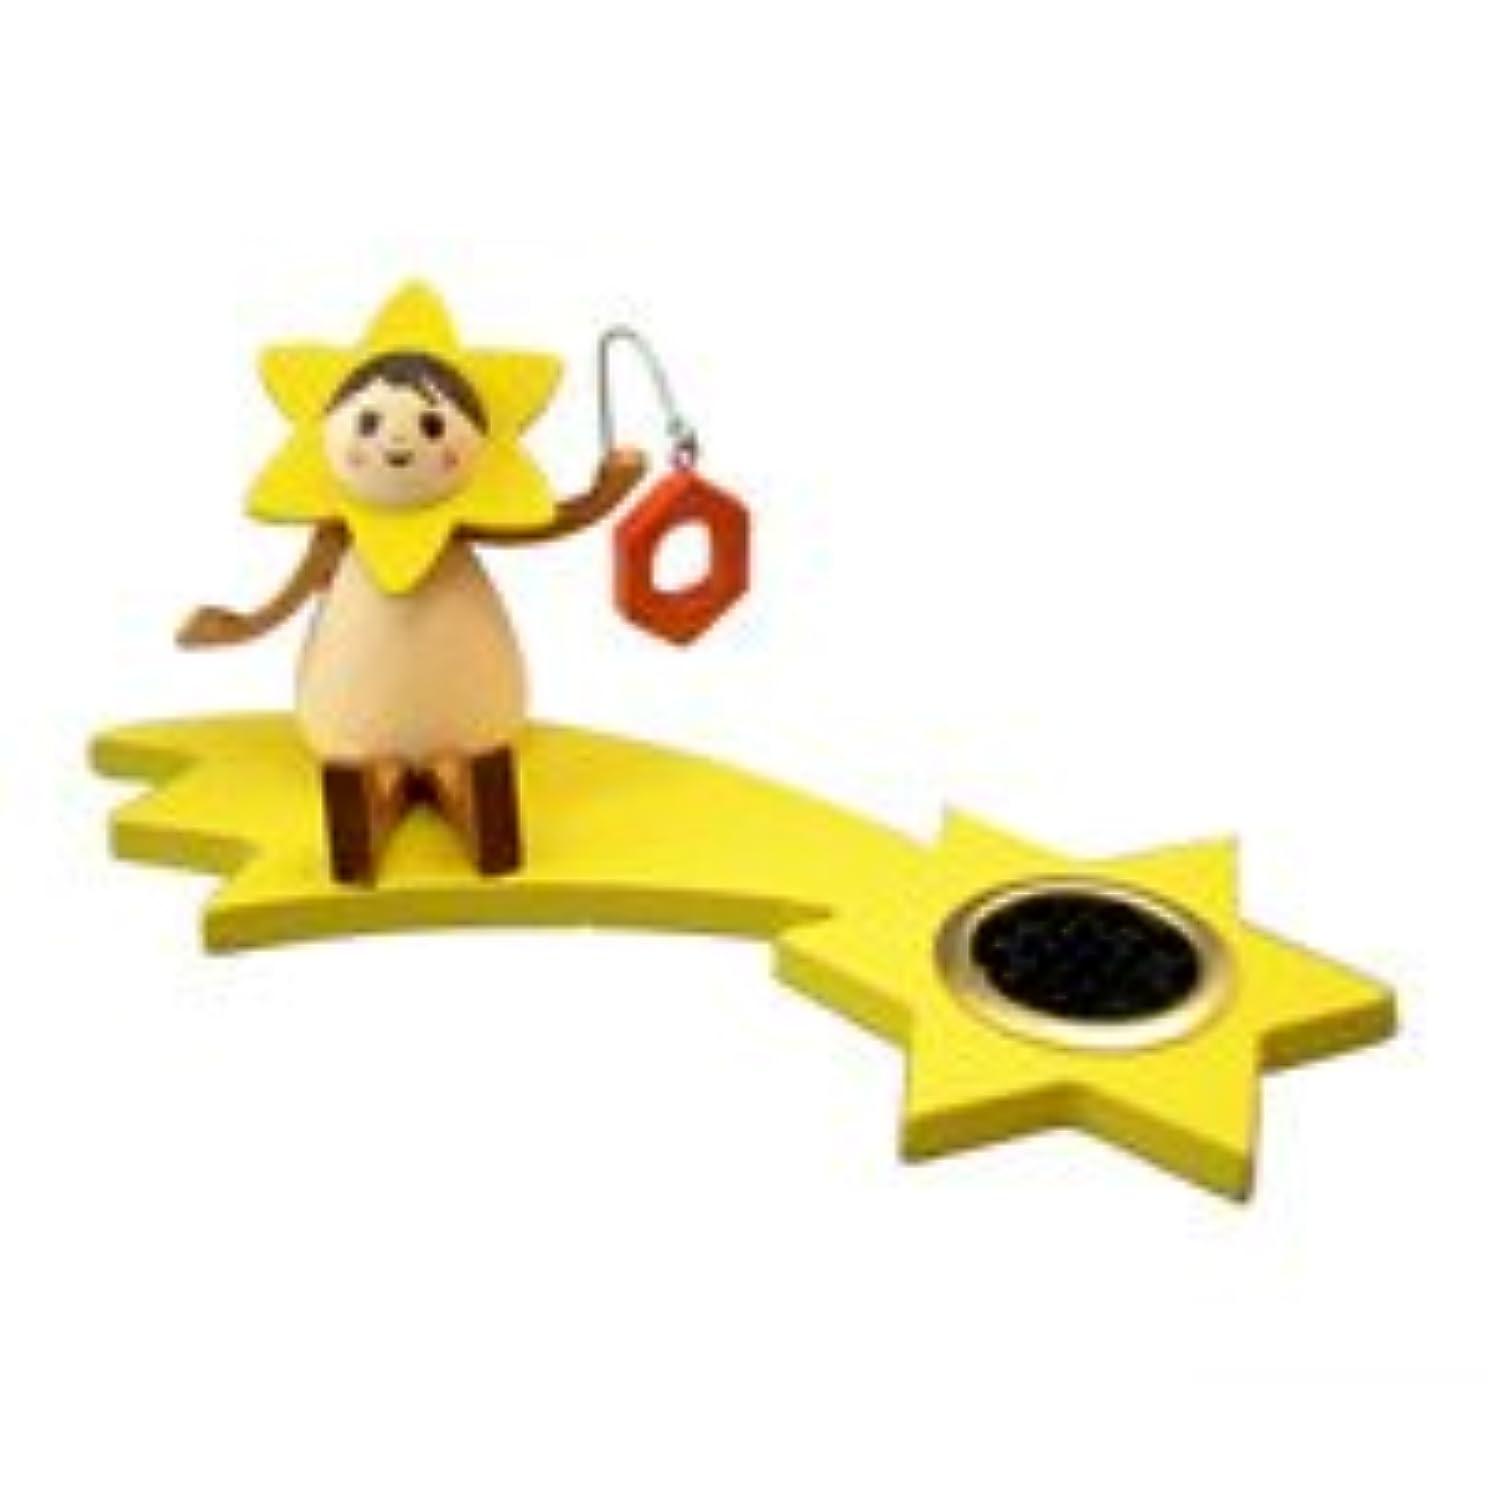 アーチ電話をかける残基インセンススタンド(香皿) 星の妖精 ランプ(座り) 【クーネルト】